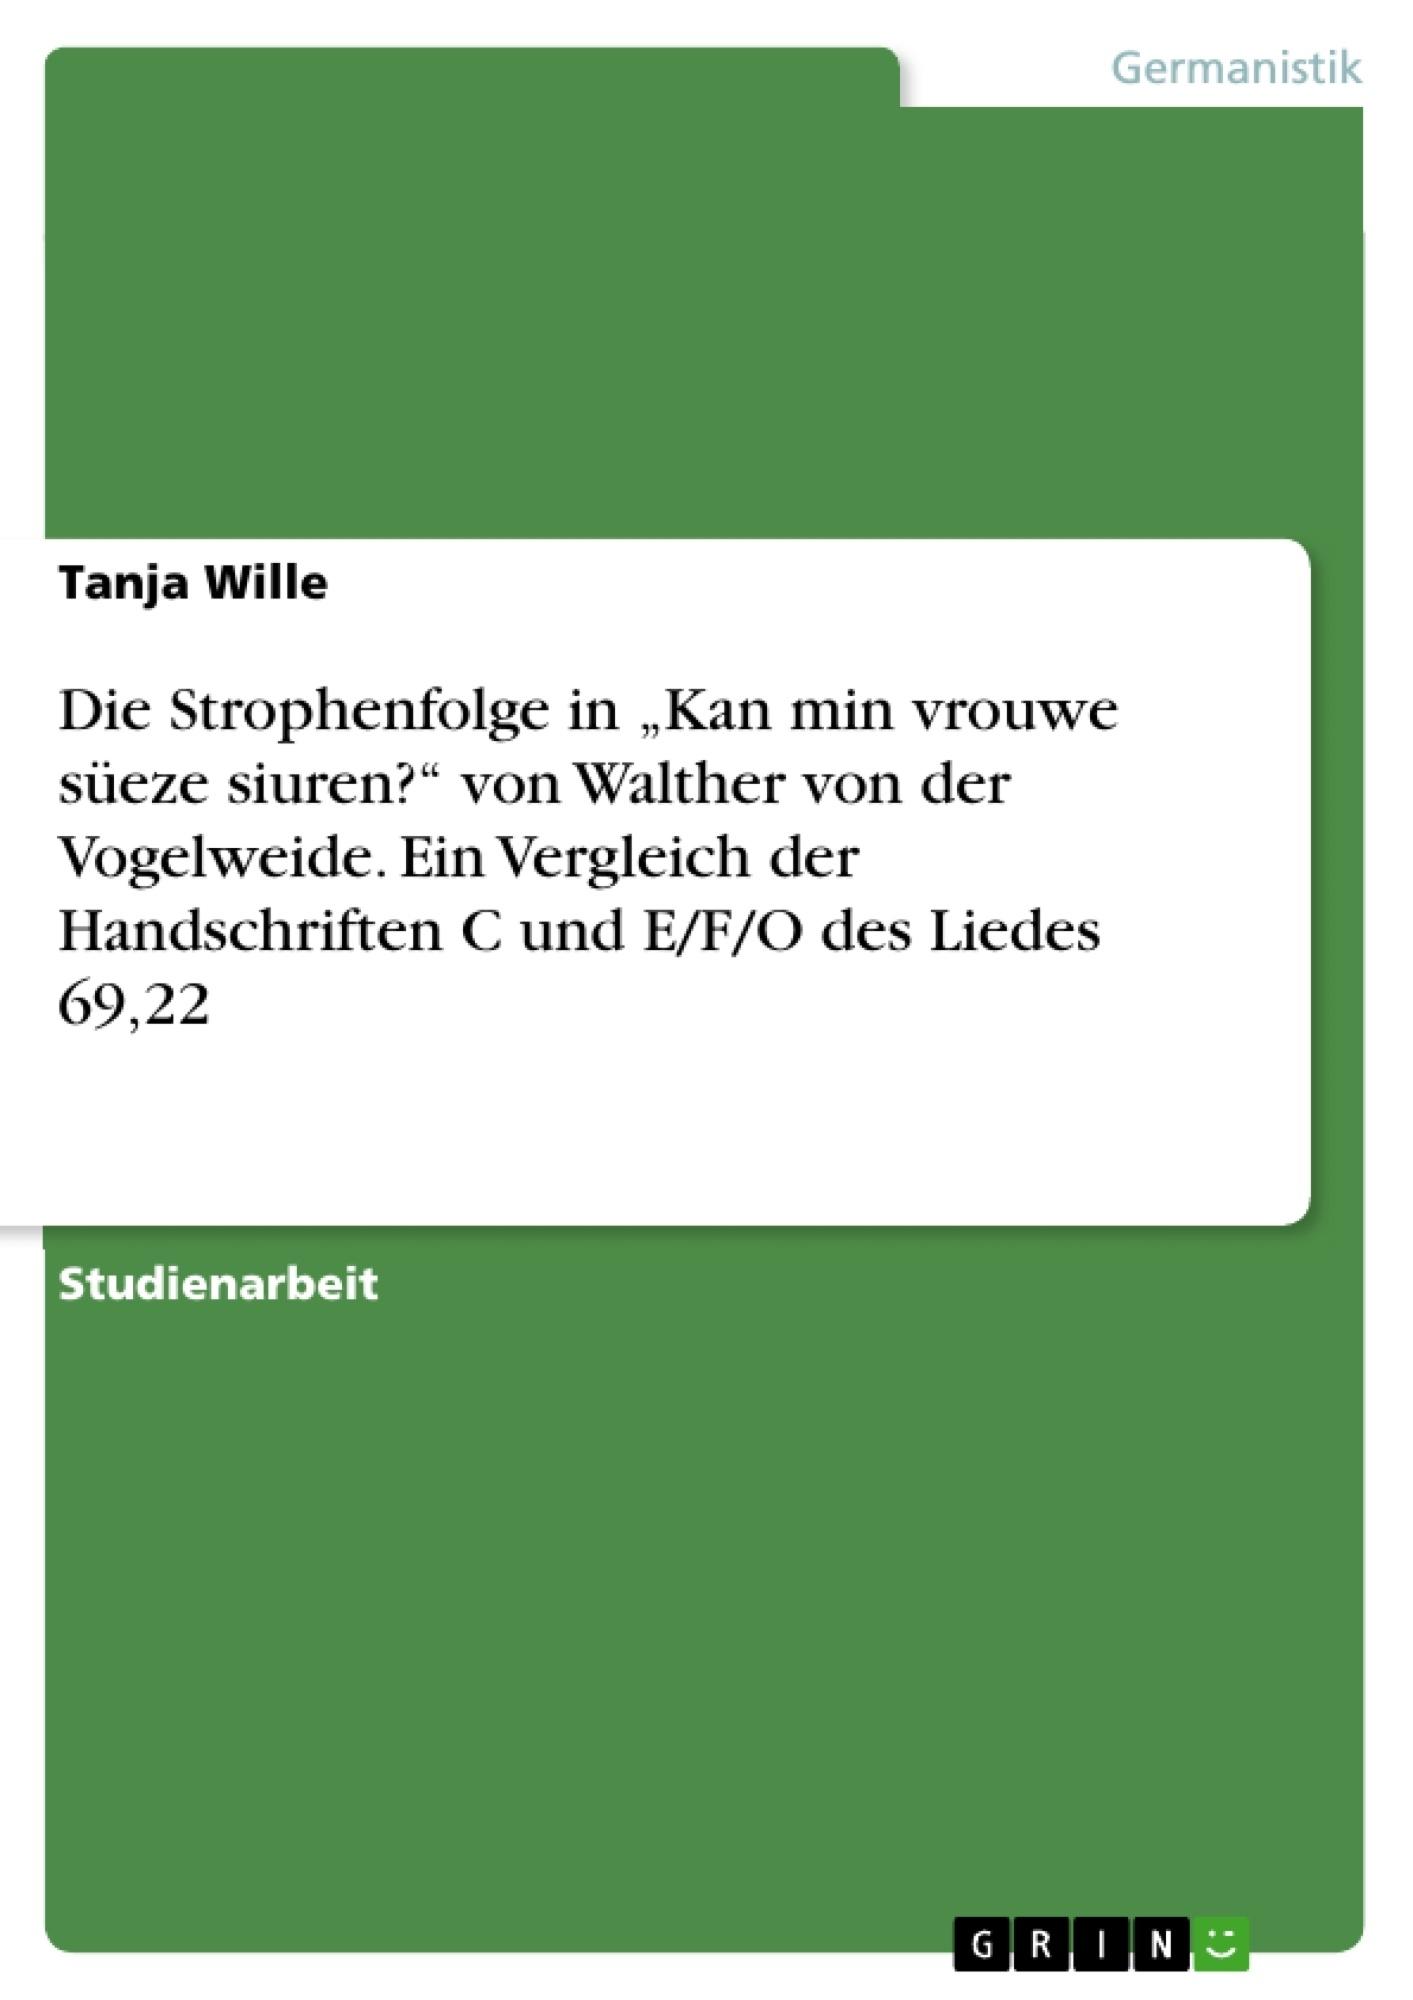 """Titel: Die Strophenfolge in """"Kan min vrouwe süeze siuren?"""" von Walther von der Vogelweide. Ein Vergleich der Handschriften C und E/F/O des Liedes 69,22"""